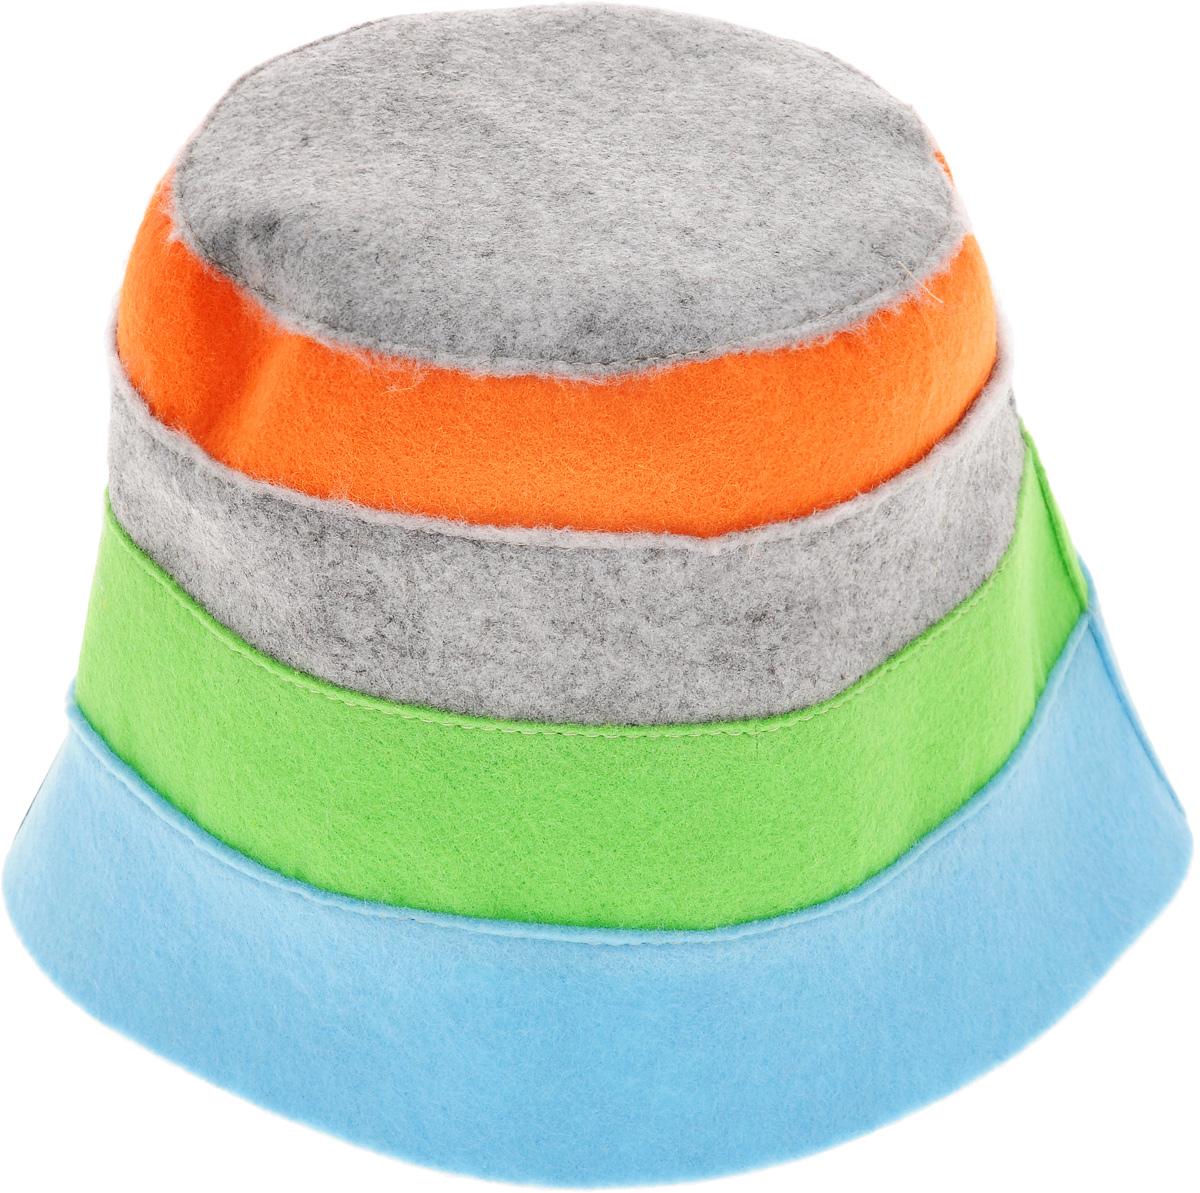 Шапка для бани и сауны Доктор баня В полоску, цвет: голубой, светло-зеленый, серый905254_голубой, светло-зеленый, серыйШапка для бани и сауны Доктор баня В полоску, выполненная из 100% полиэстера, является оригинальным и незаменимым аксессуаром для любителей попариться в русской бане и для тех, кто предпочитает сухой жар финской бани. Необычный дизайн изделия поможет сделать ваш отдых более приятным и разнообразным. При правильном уходе шапка прослужит долгое время. Обхват головы: 60 см.